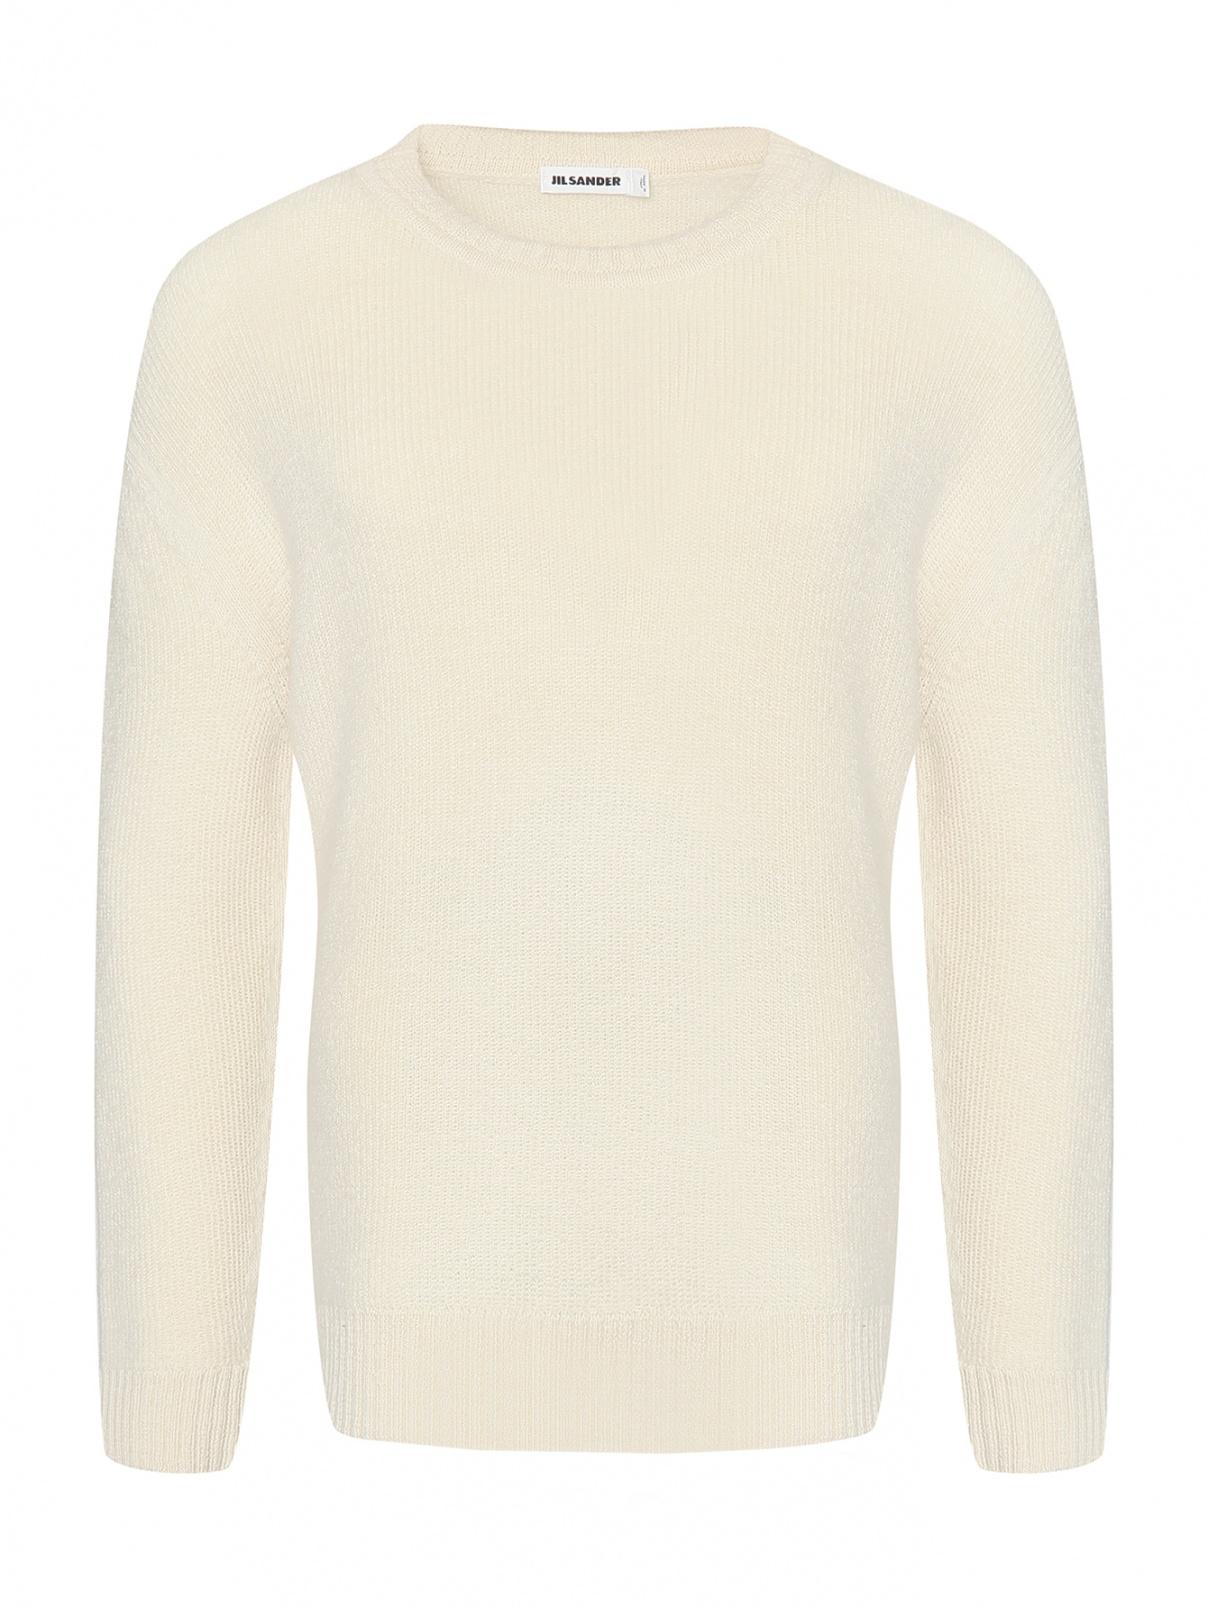 Джемпер из шерсти Jil Sander  –  Общий вид  – Цвет:  Белый